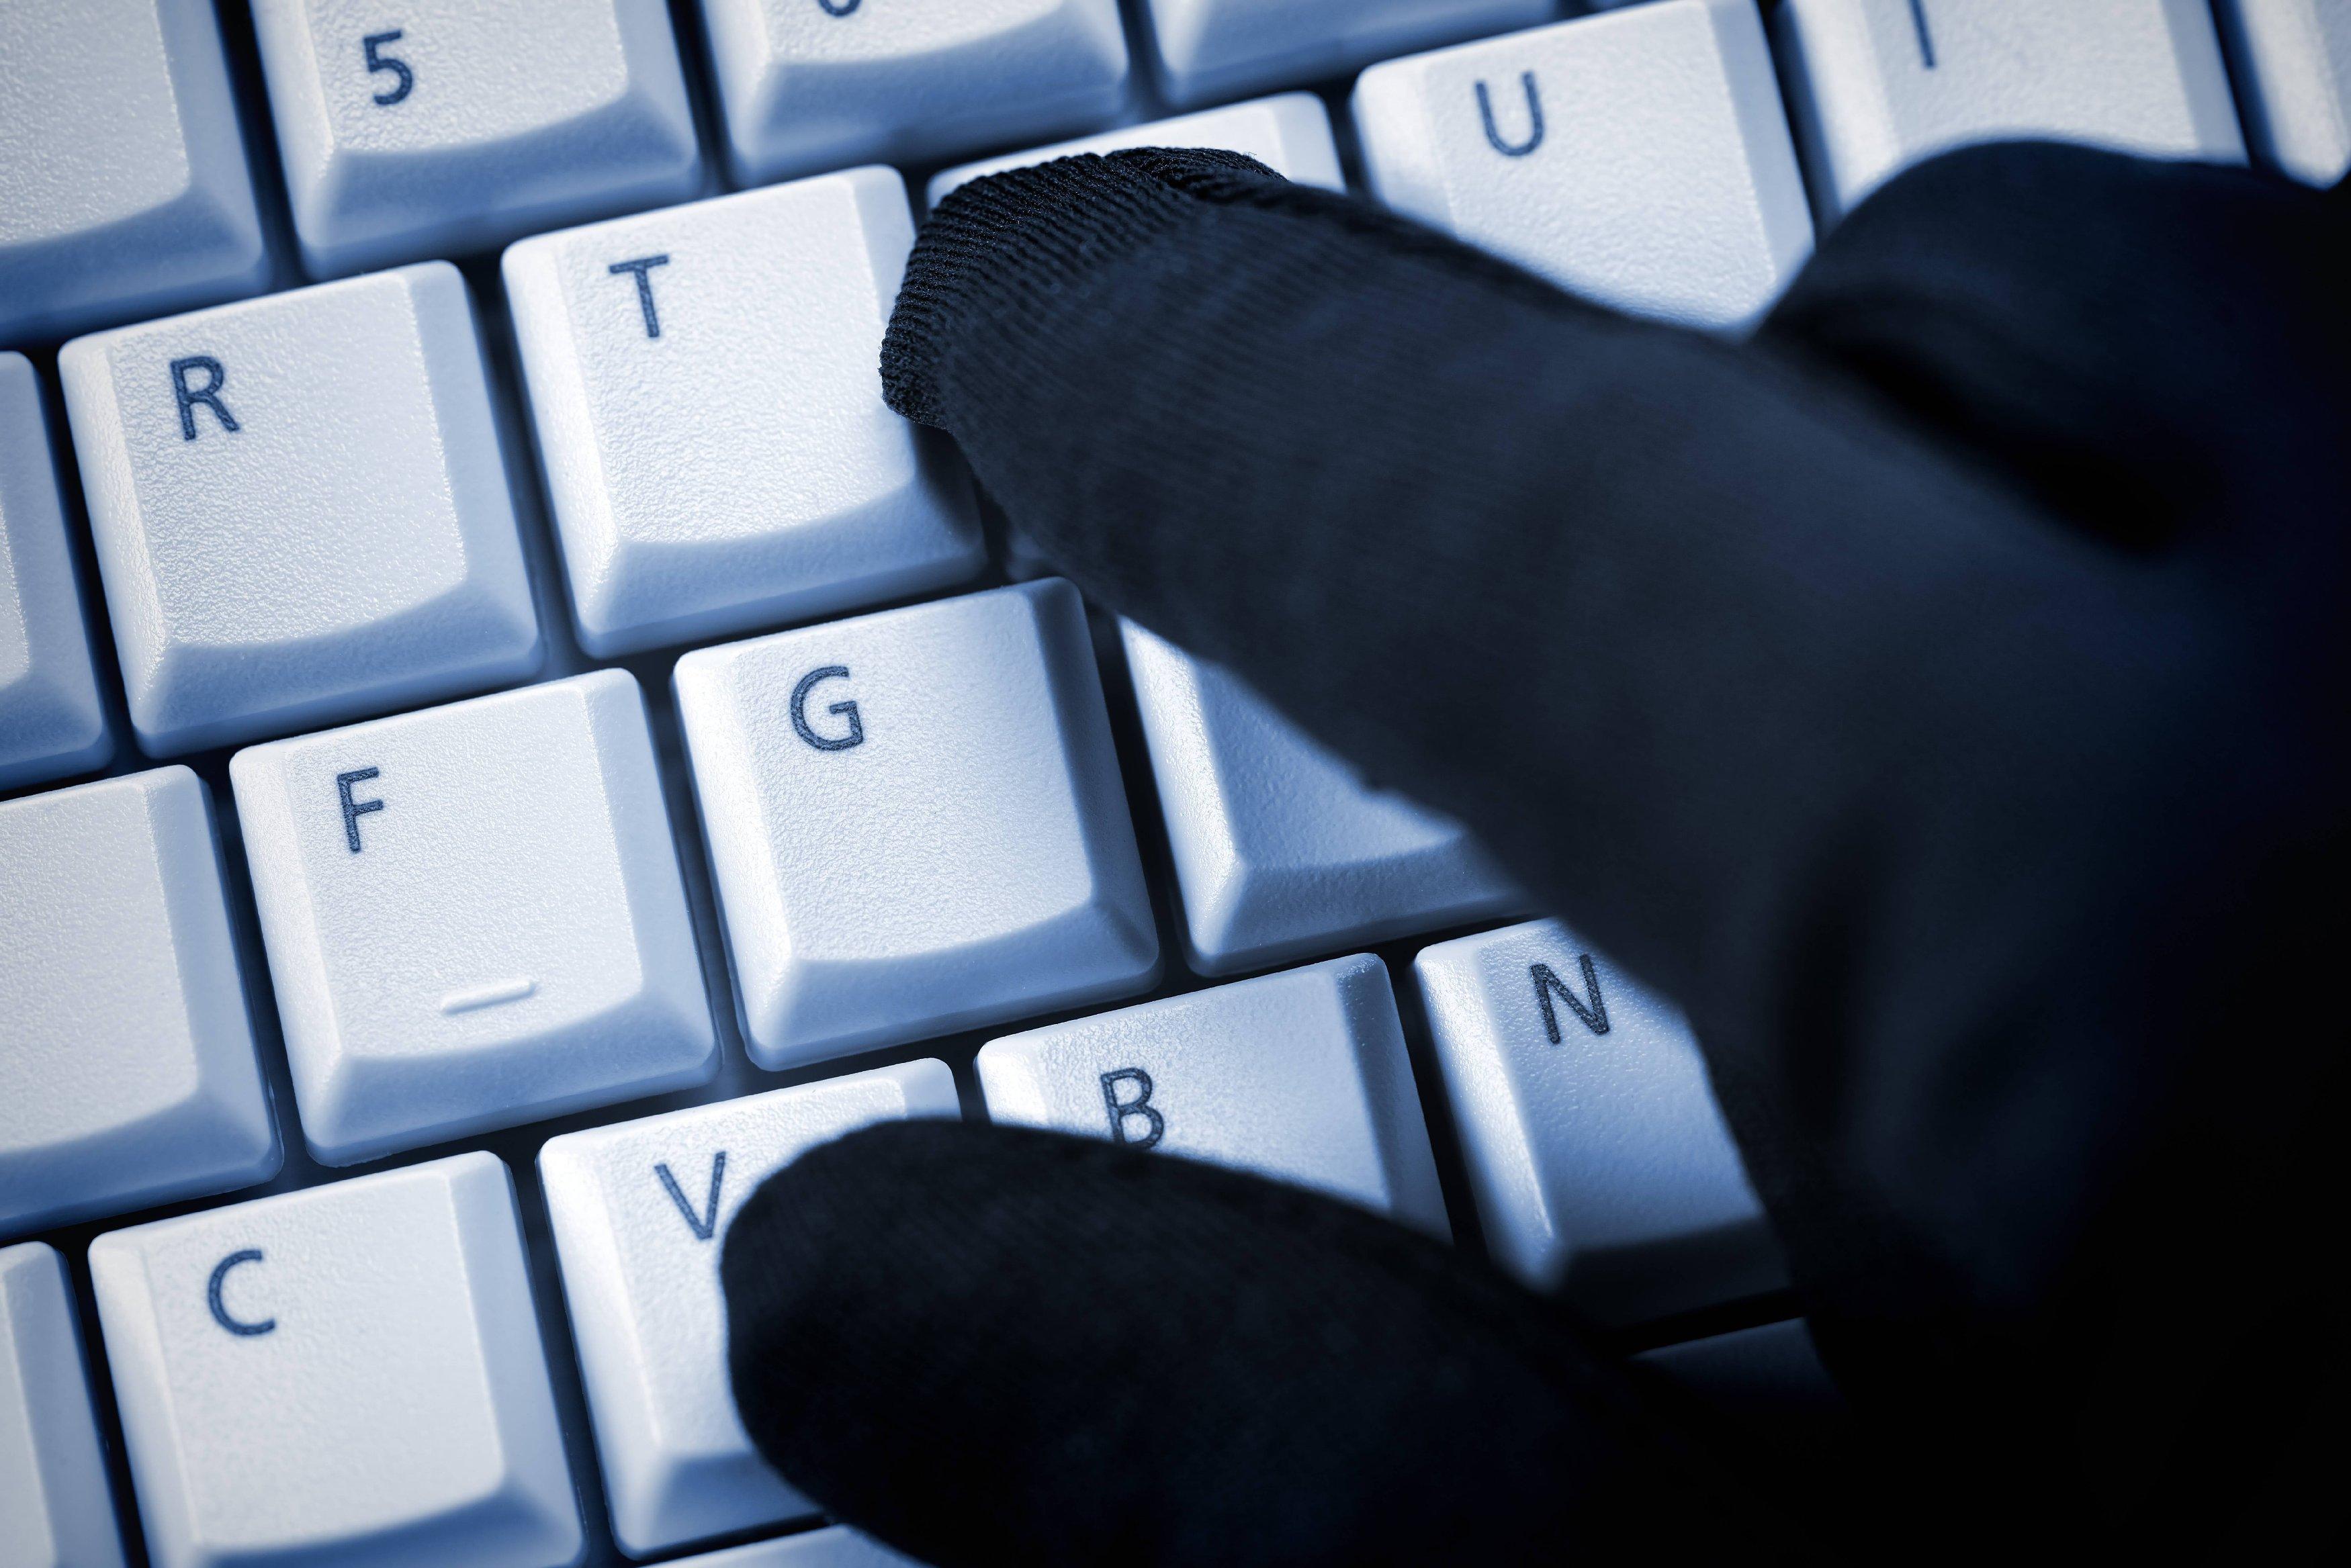 Пользователь персонального компьютера